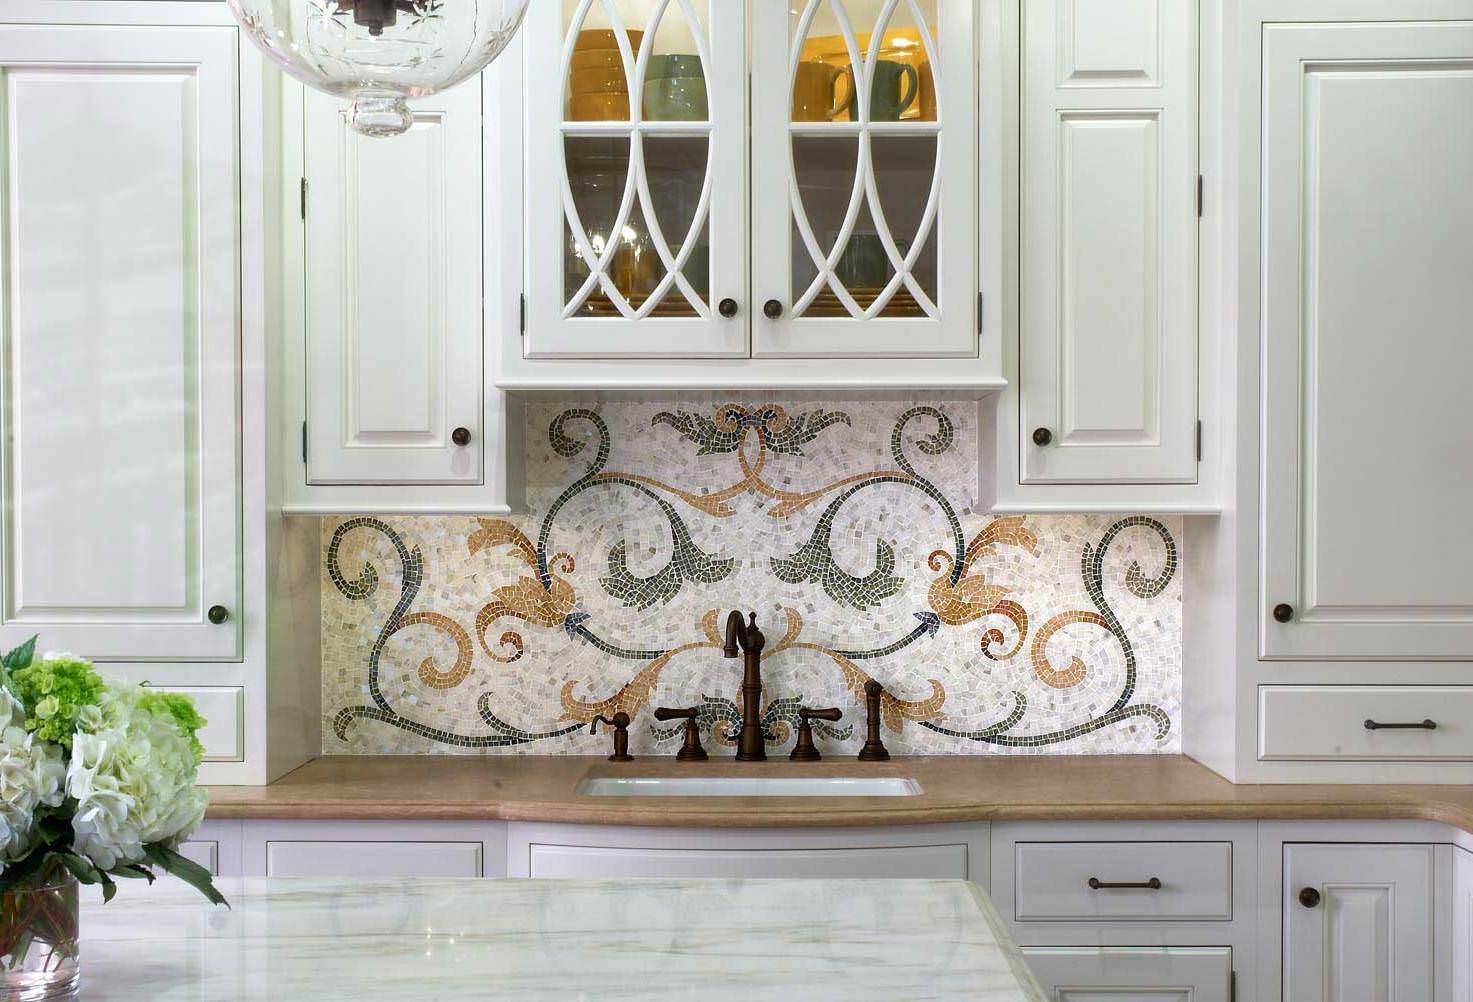 Правильно подобранный узор на мозаичном панно очень гармонично впишется в вашу кухню.